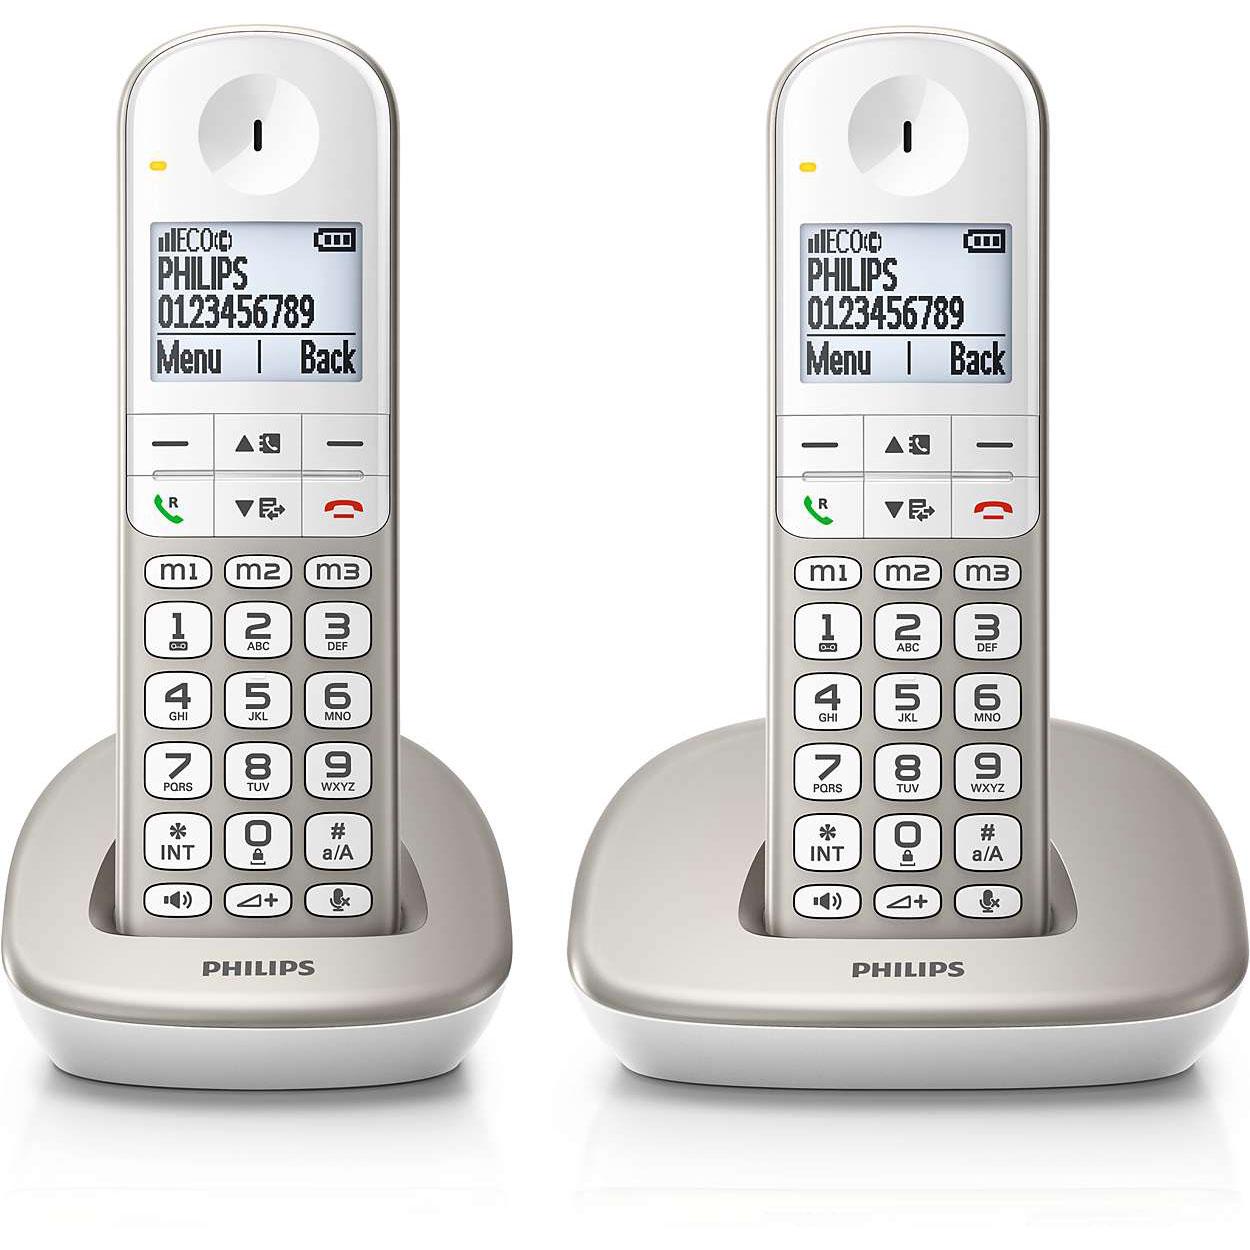 Téléphone sans fil Philips XL4902S Téléphone (2 combinés) DECT sans fil (version française)